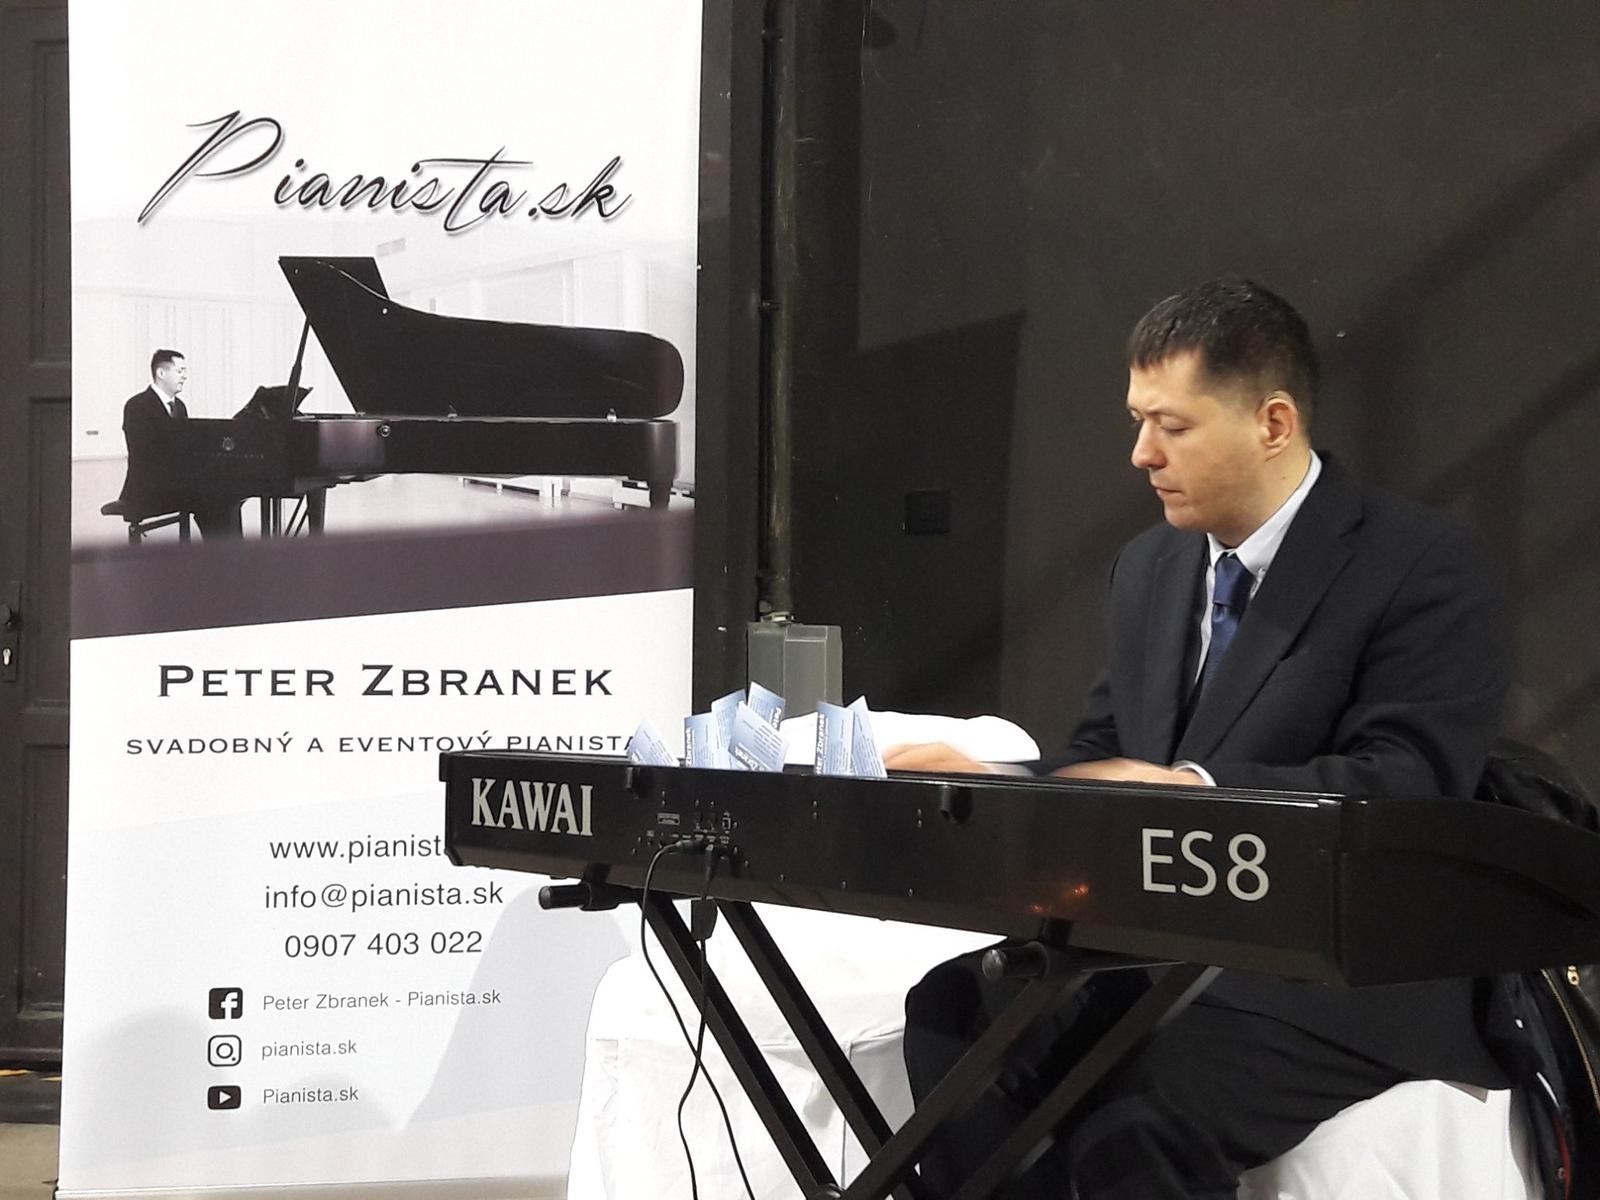 Milé nevesty, práve teraz sme LIVE na našom Facebooku, kde pre vás zdieľame koncert pána Petra Zbraneka, obľúbeného a talentovaného pianistu, ktorý vám zahrá tie najznámejšie piesne. Tak šup k nám na Facebook! :-) - Obrázok č. 1